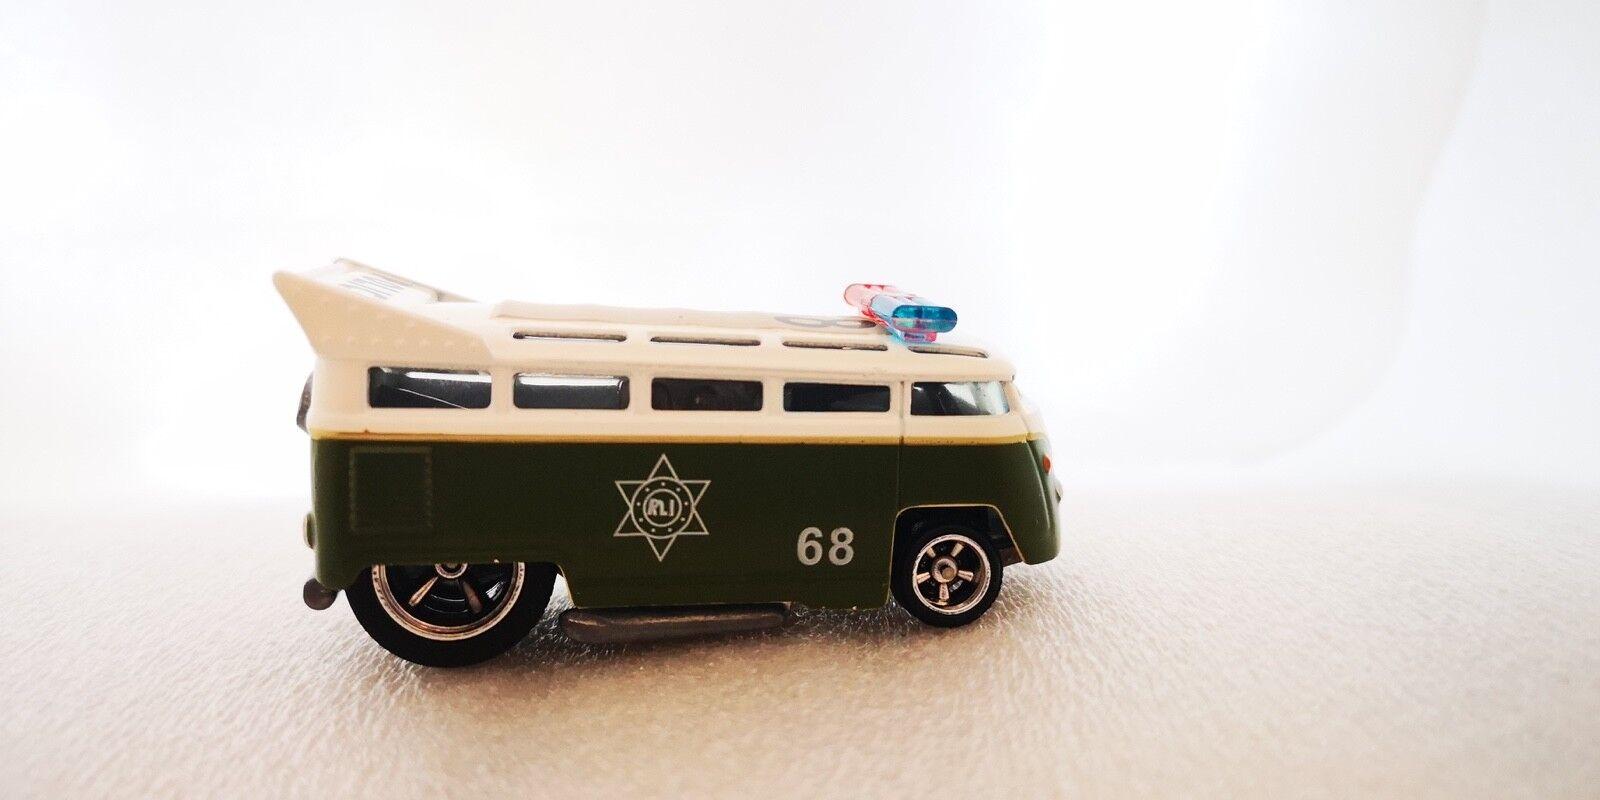 caliente ruedas RLC polizia Drag autobus Prossootipo originale campione di fabbrica raro